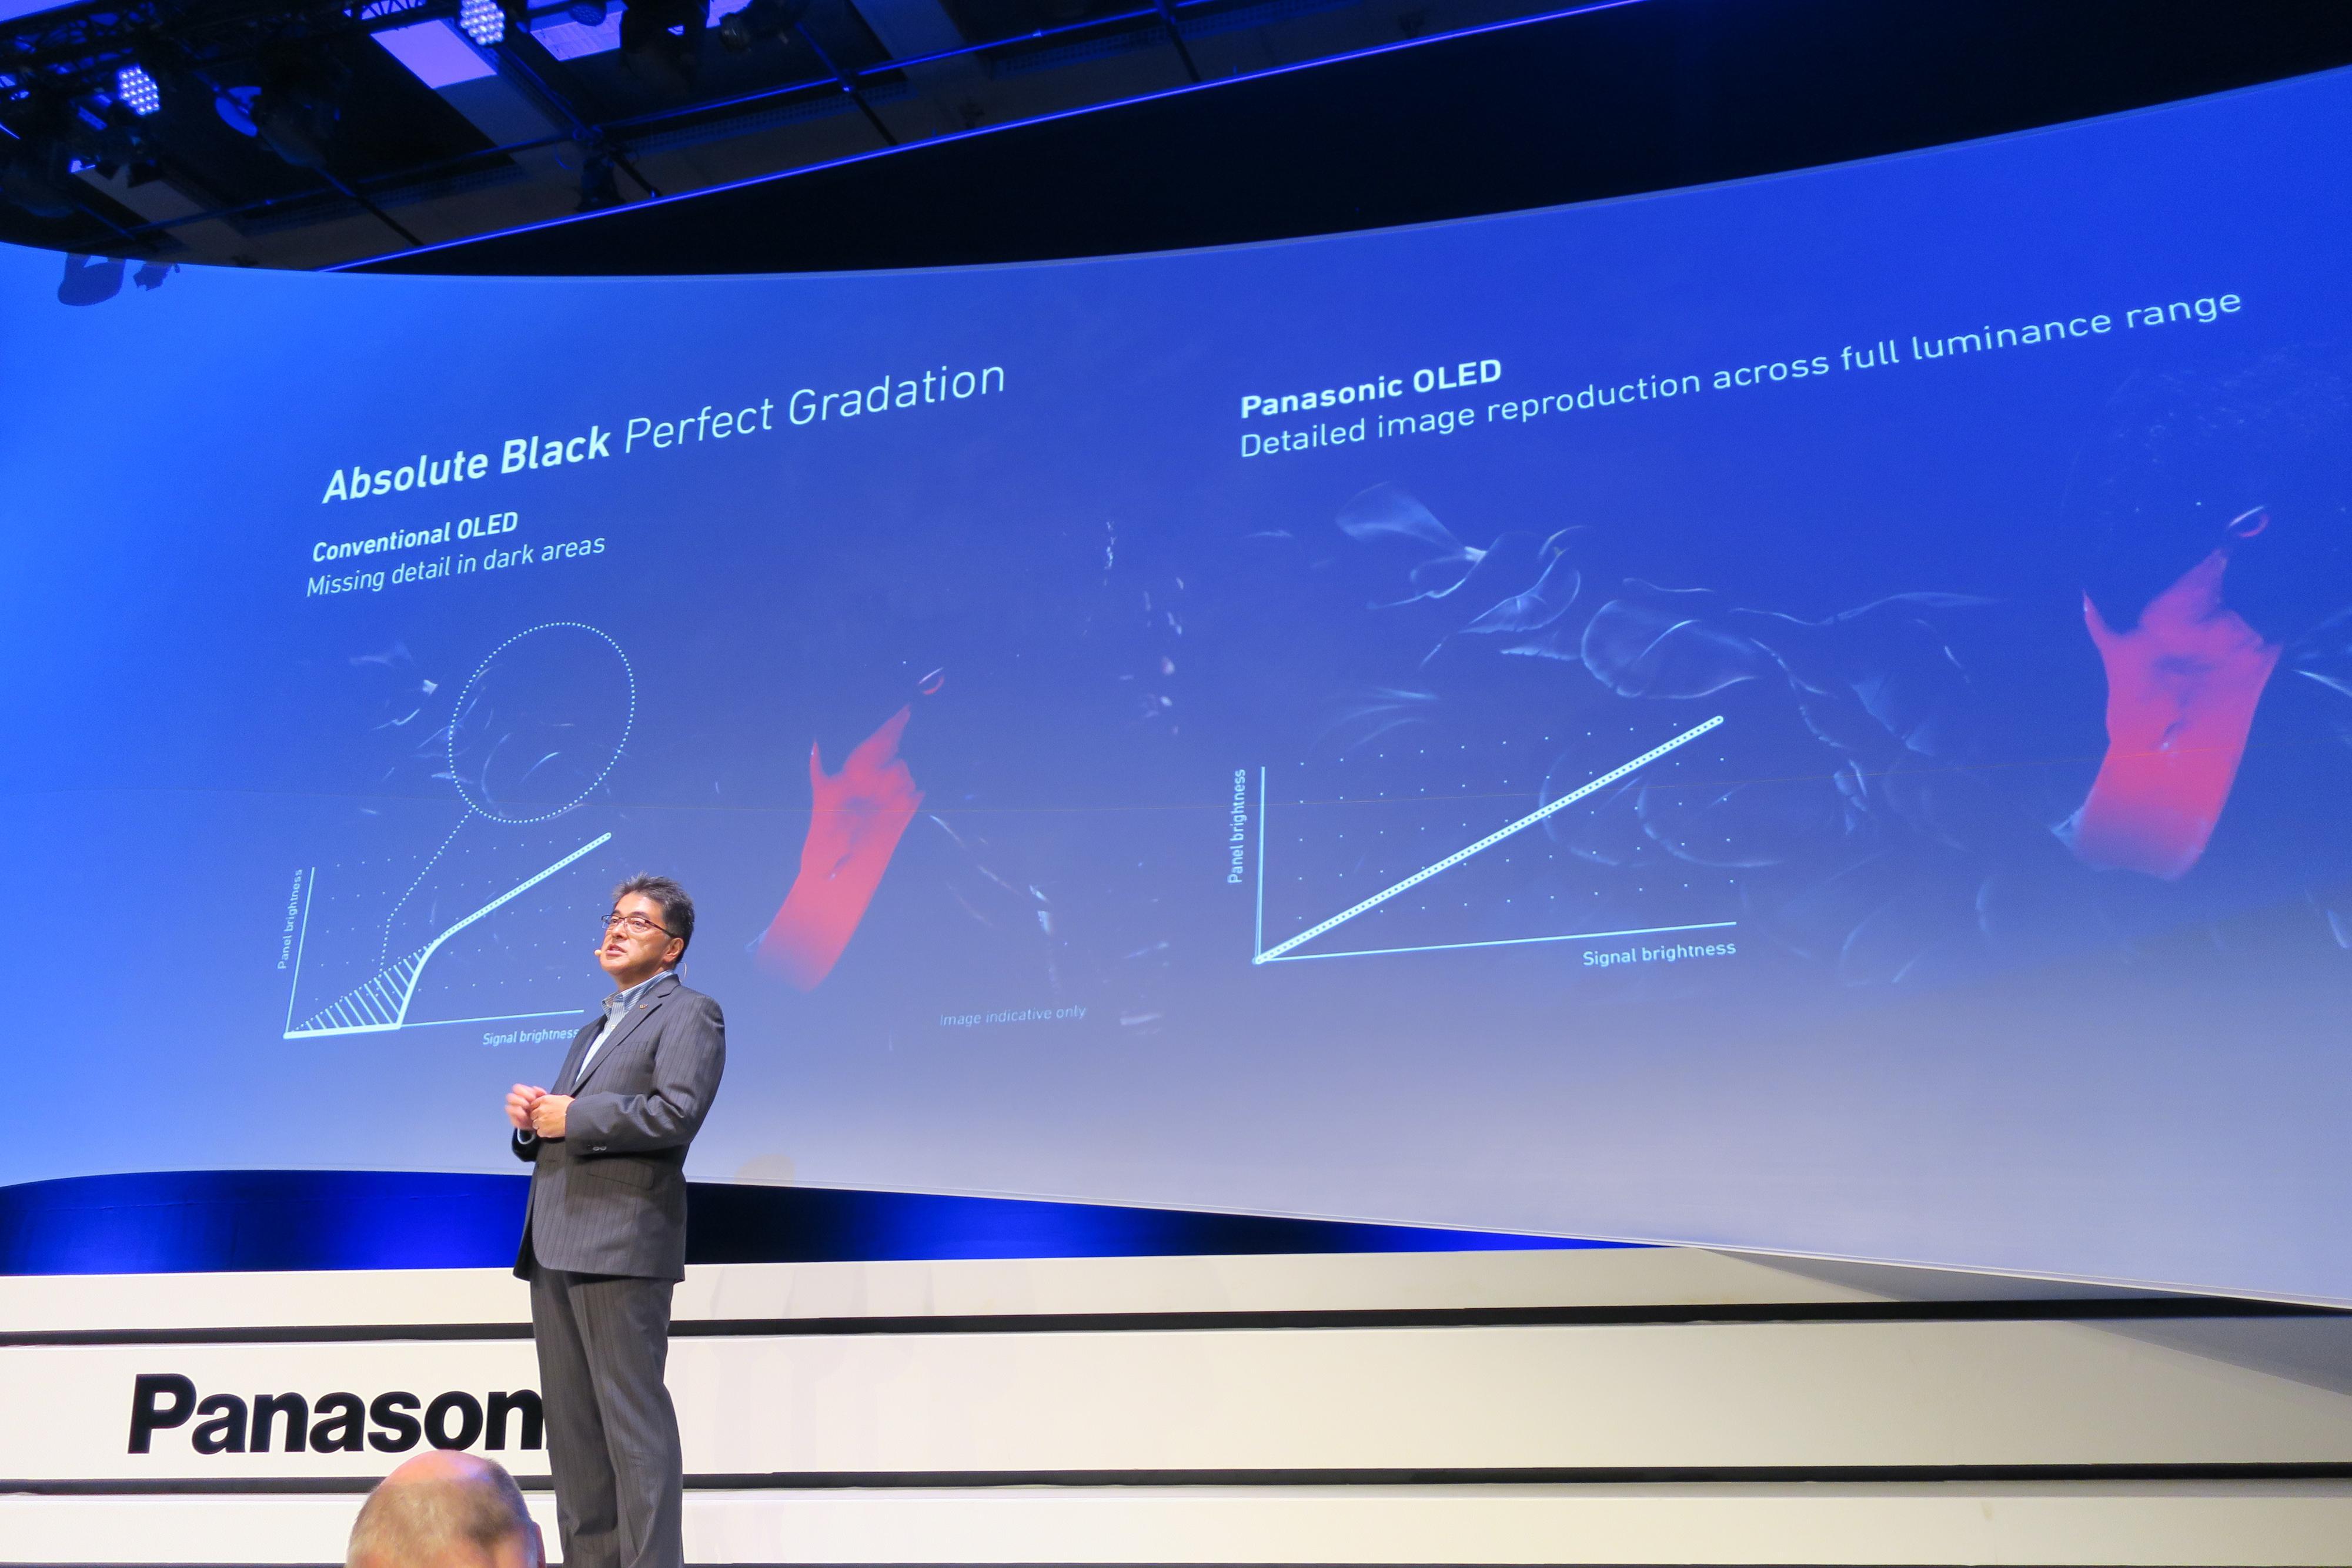 Denne fremvisningen var alt Panasonic sa om OLED. Dog ligger det i kortene at de jobber med en ny generasjon.